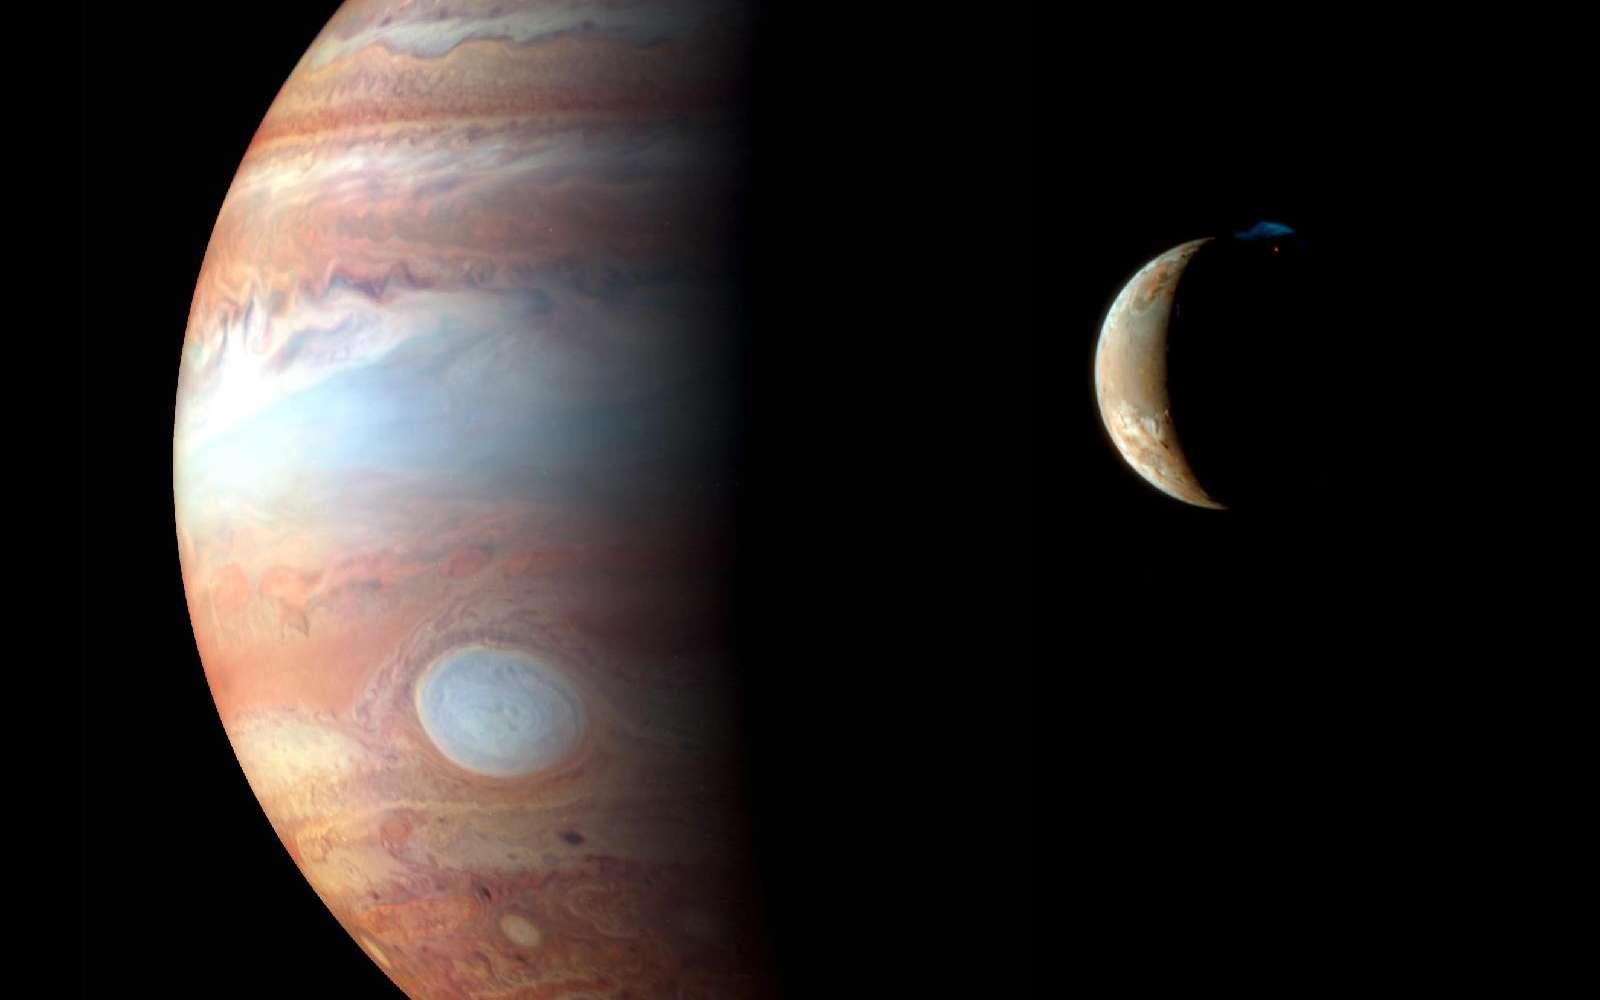 Croissant de Io saisi le 21 octobre 2010 à l'aide d'un télescope de 23 centimètres de diamètre et d'une caméra CCD. © R. Morini